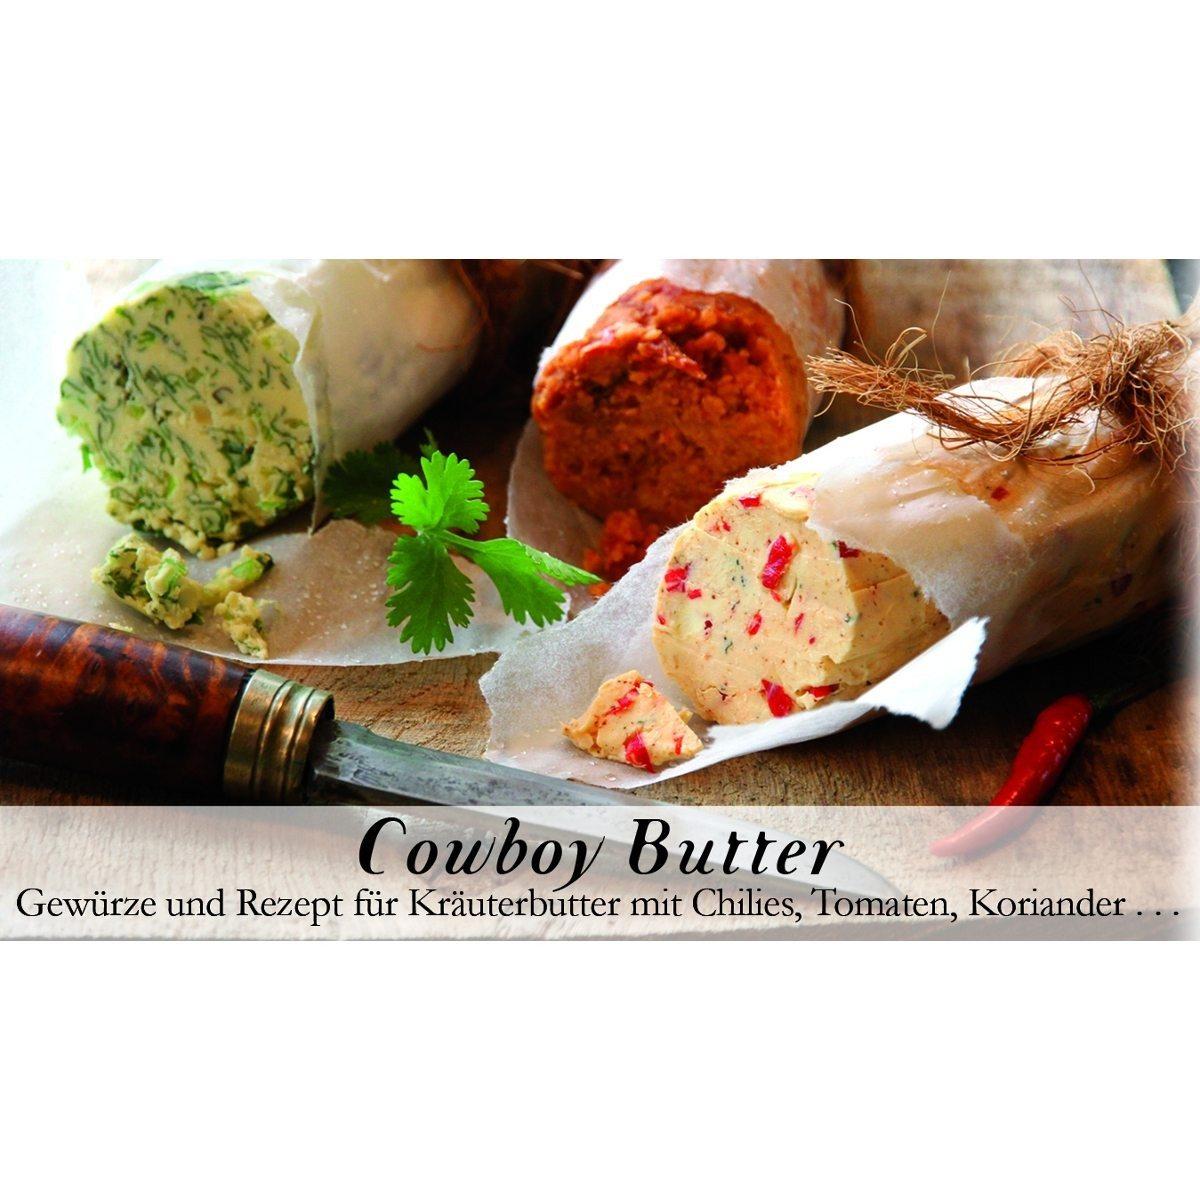 Cowboy-Butter - Gewürzmischung für Kräuterbutter